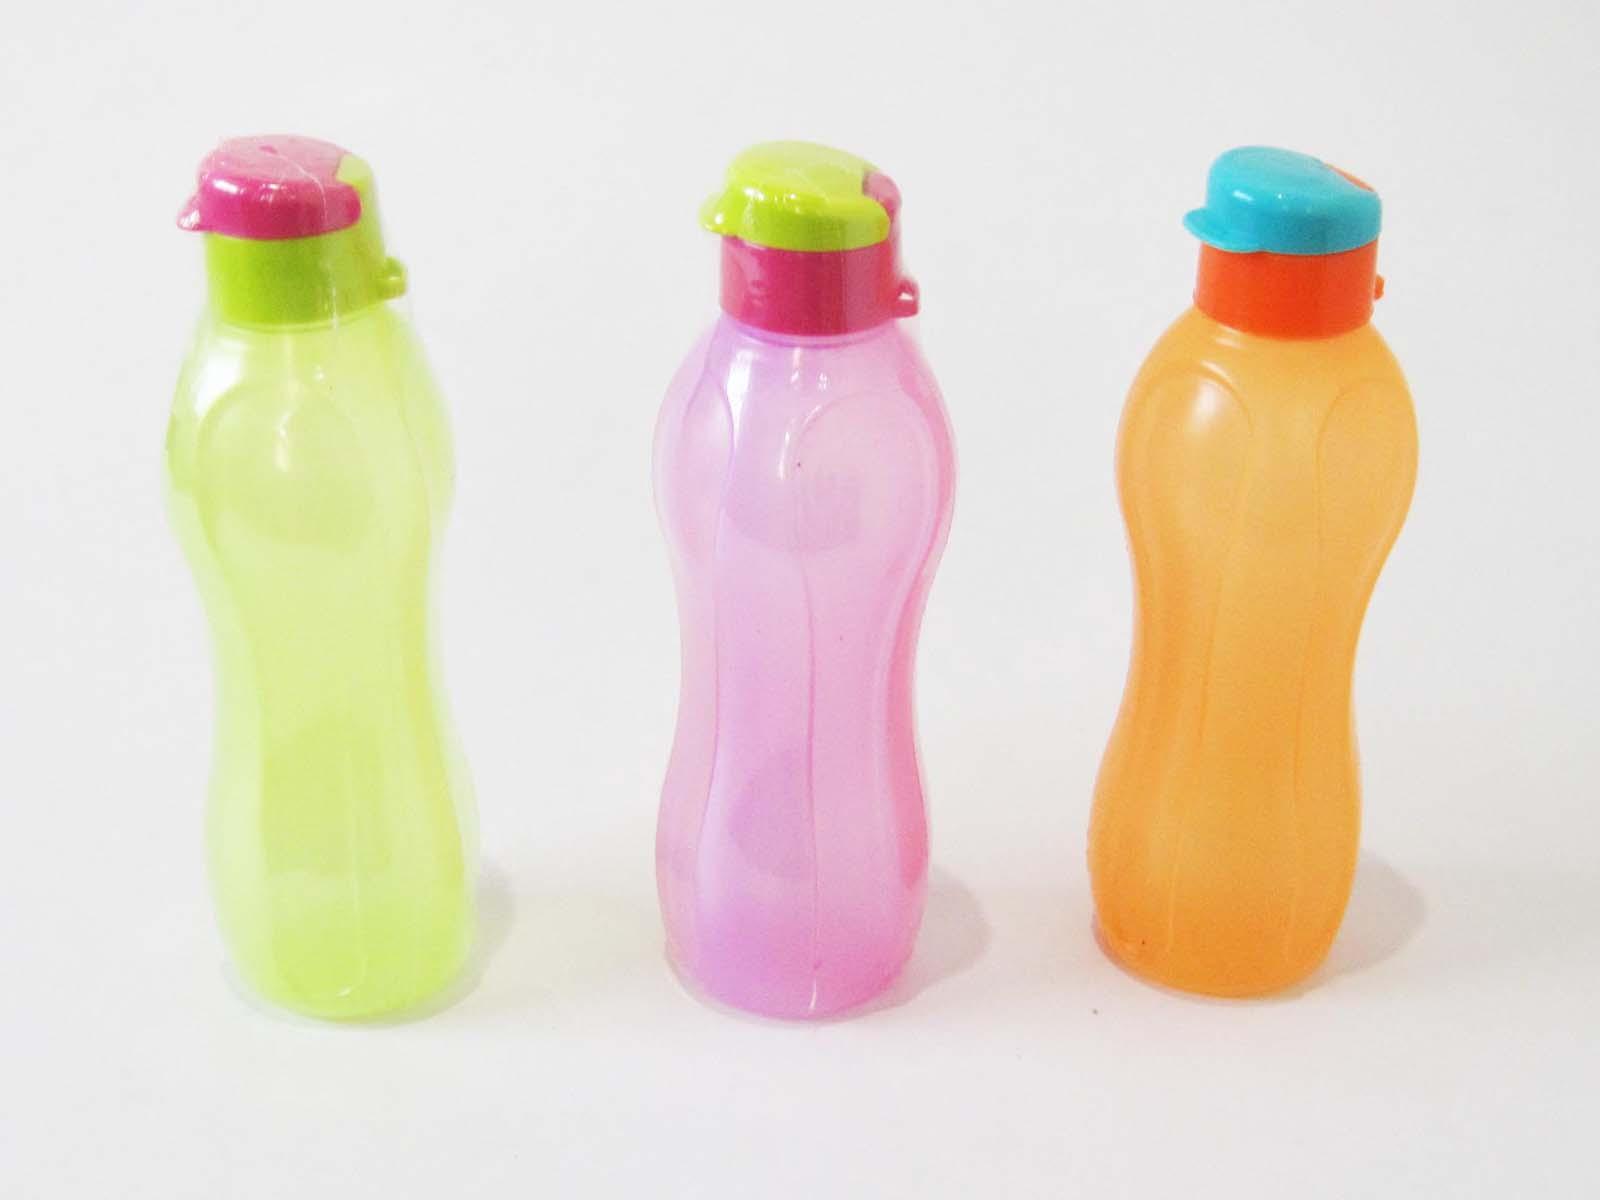 Botol Minum Flip Top Anak Unik Murah - 800 ML Besar - 2